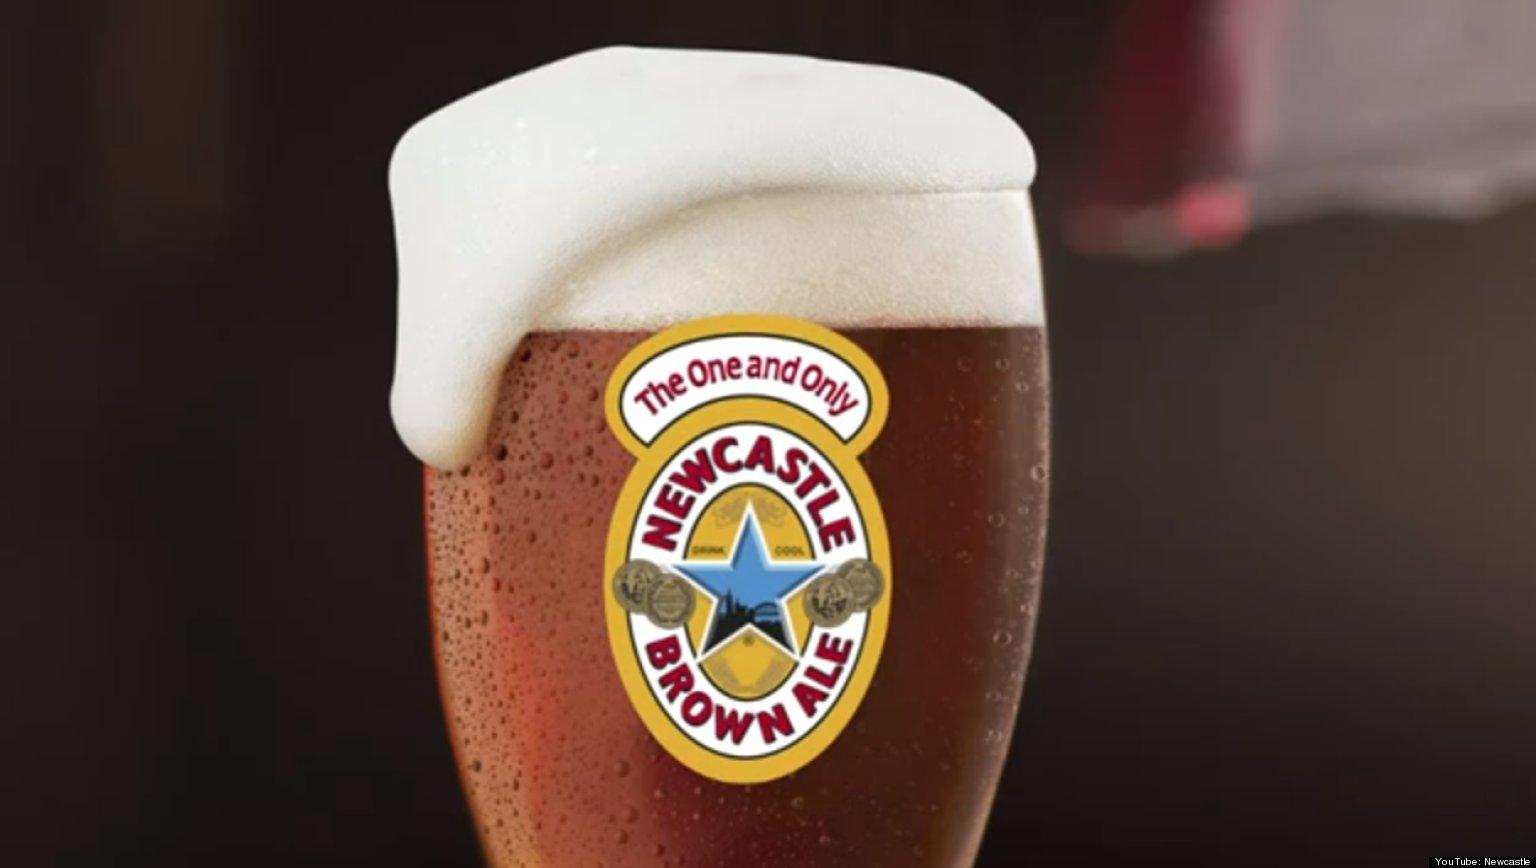 Newcastle busca a otras marcas para compartir gastos para un anuncio en el Super Bowl